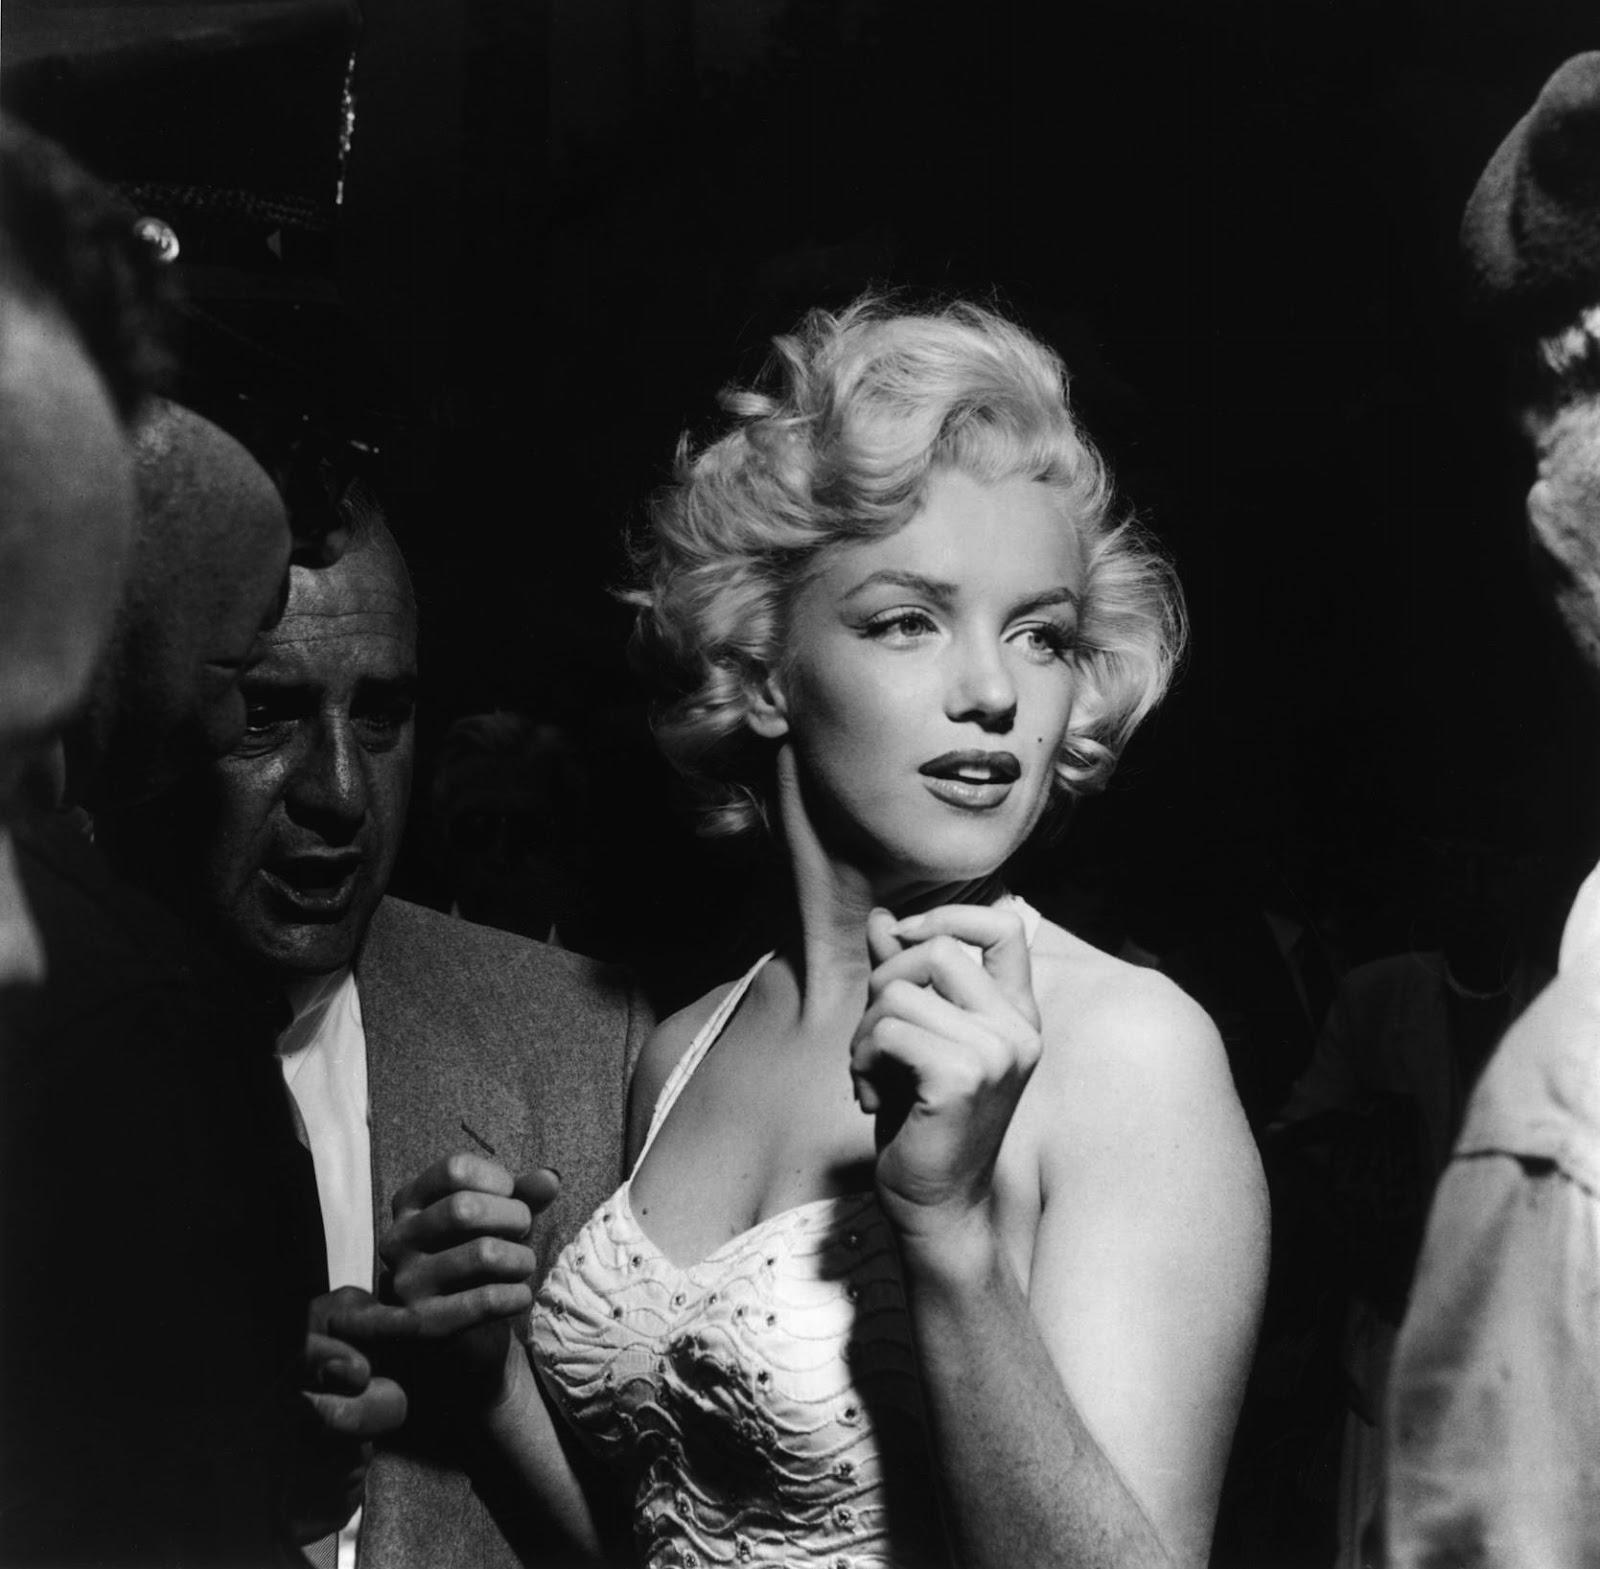 http://2.bp.blogspot.com/-hnAaCZCQQi0/UB3di3yYkkI/AAAAAAAABKE/JxH9bJN_lLk/s1600/Monroe,+Marilyn_170.jpg